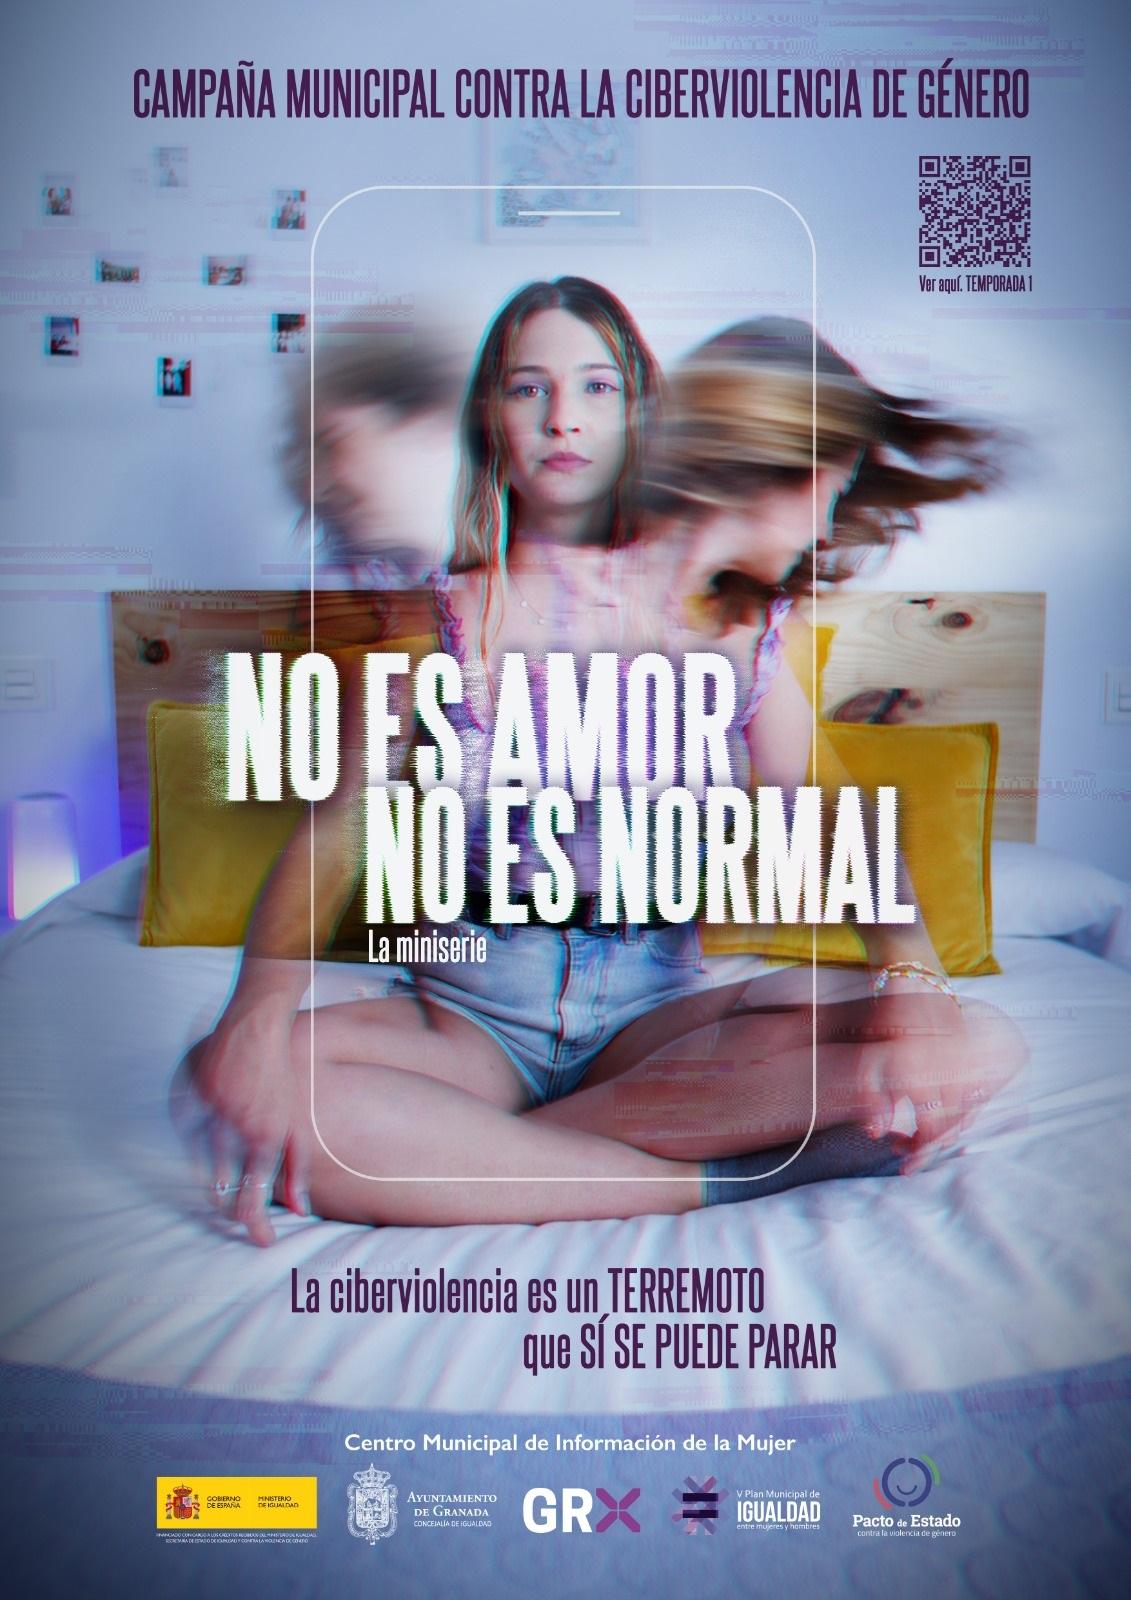 El Ayuntamiento inicia una campaña para hacer frente a la ciberviolencia a las mujeres en redes sociales